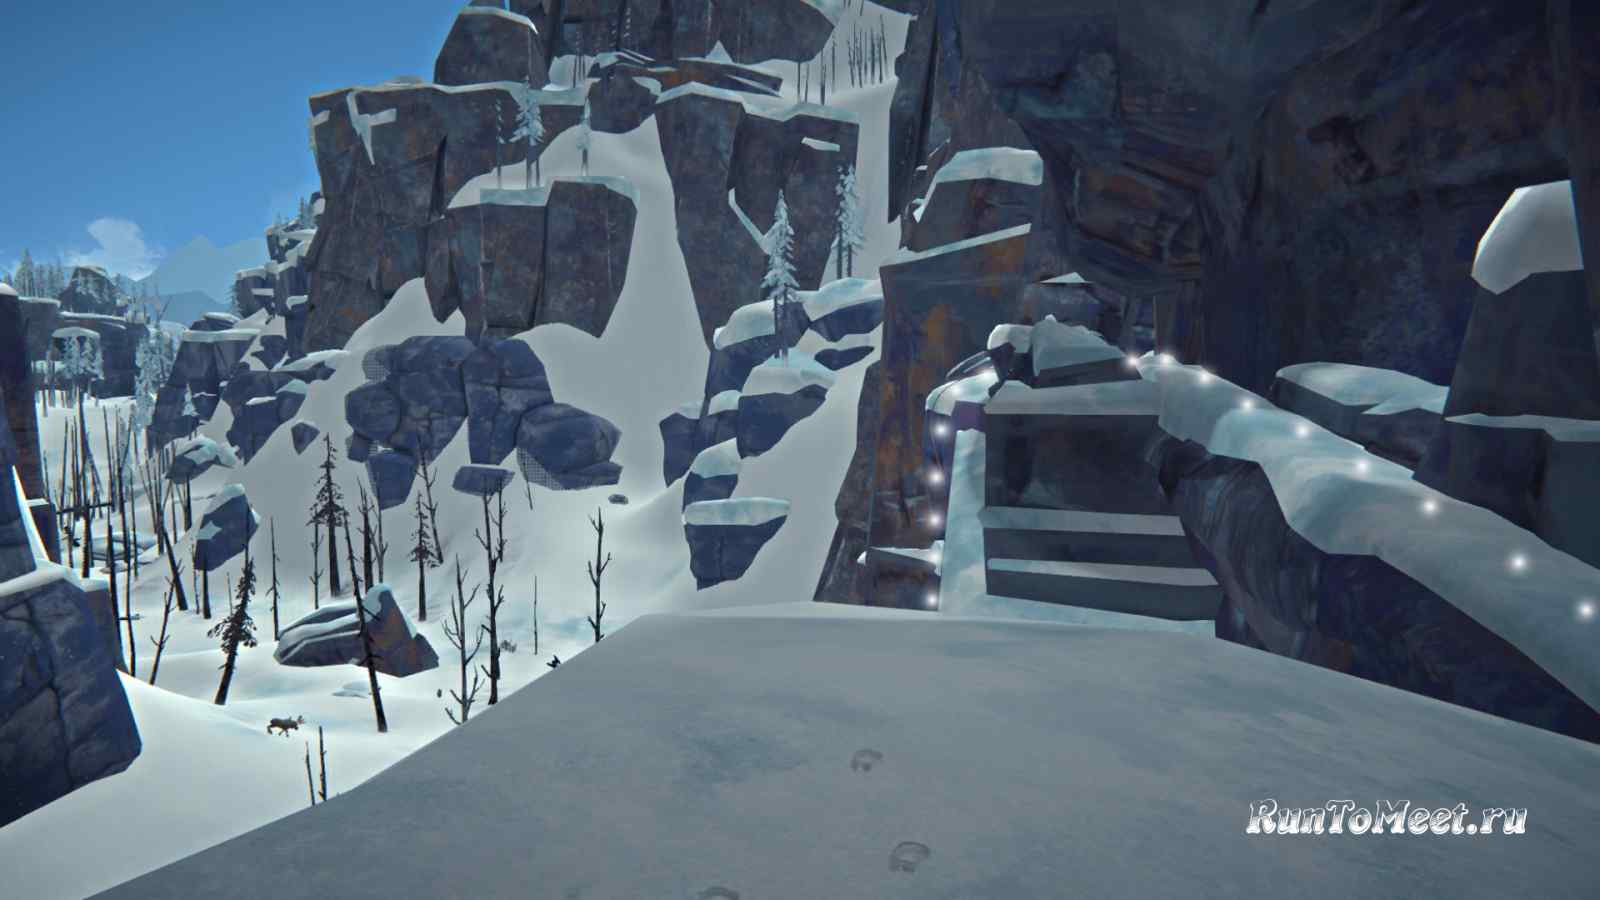 Путь возле тройного подъема в Пепельном каньоне игры The long dark